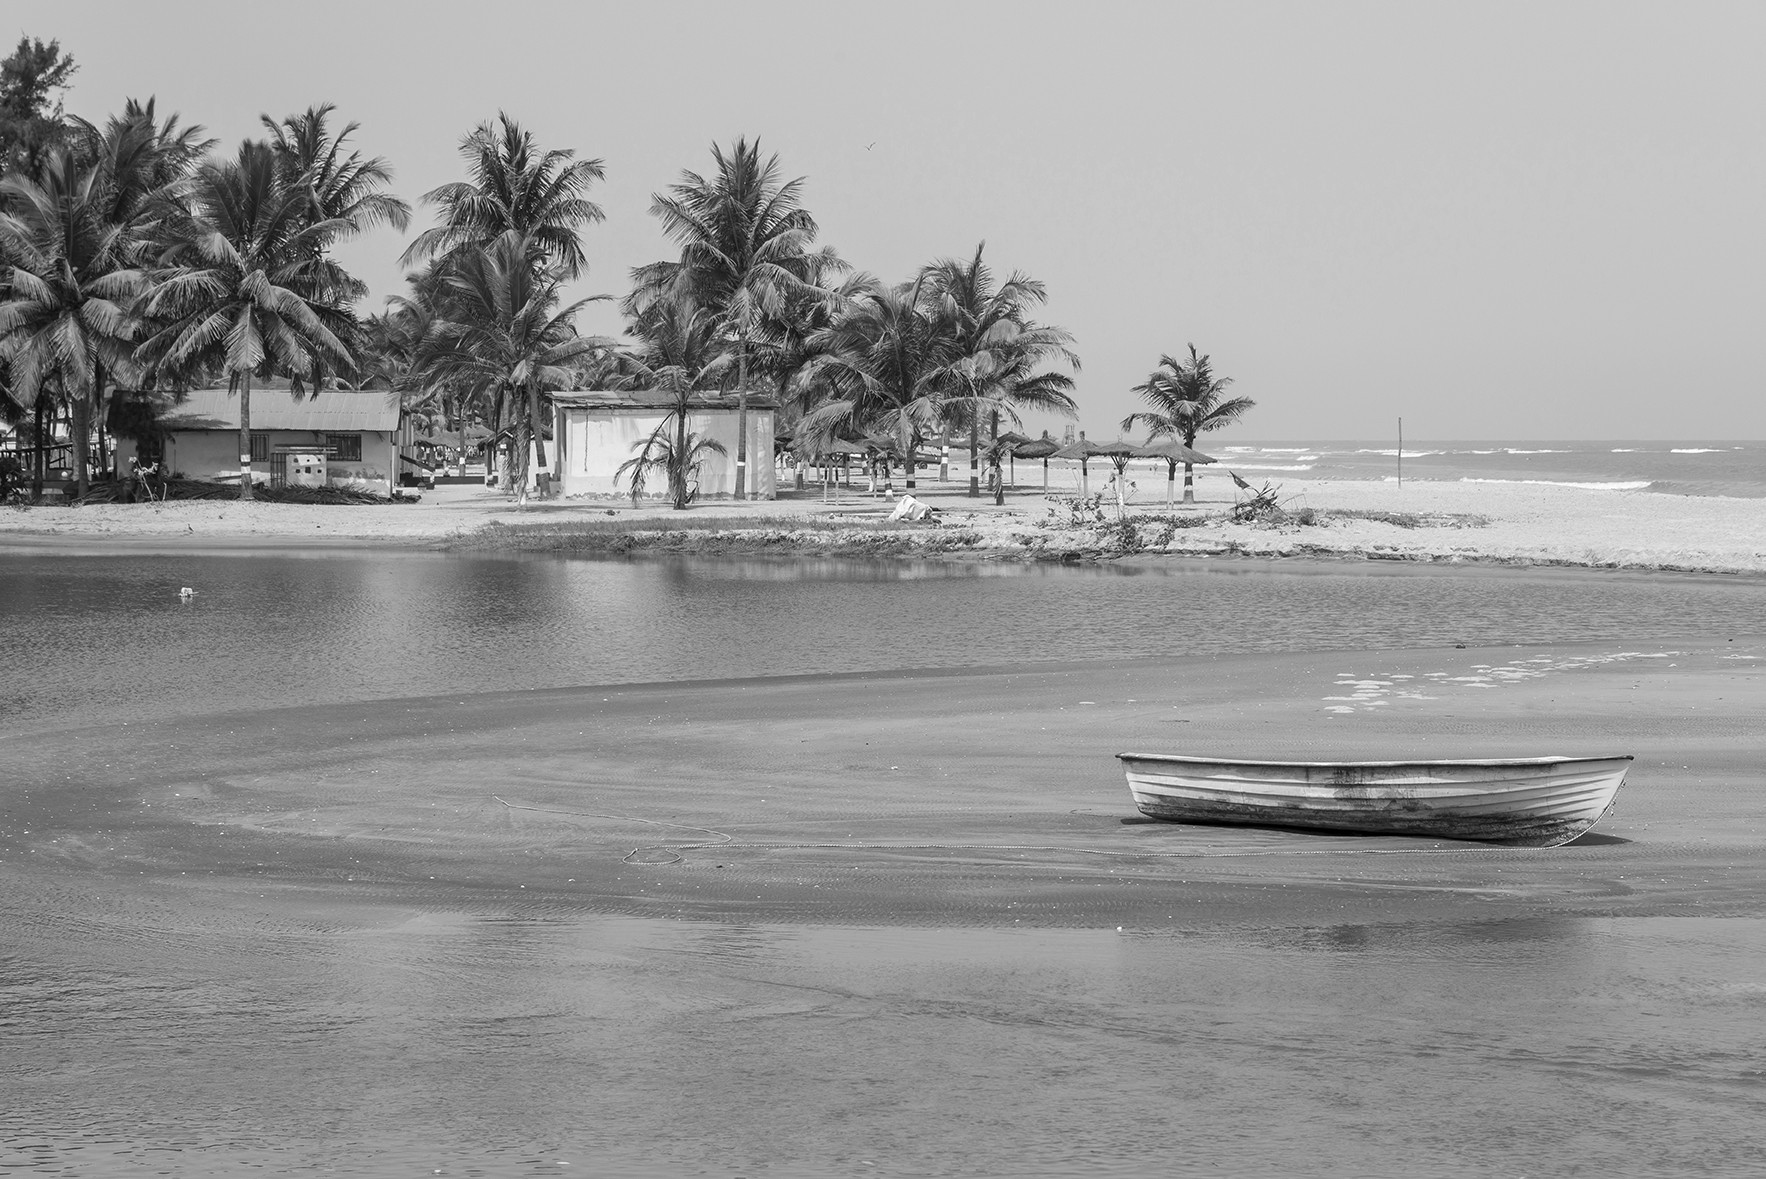 000137-Gambia-Serekunda